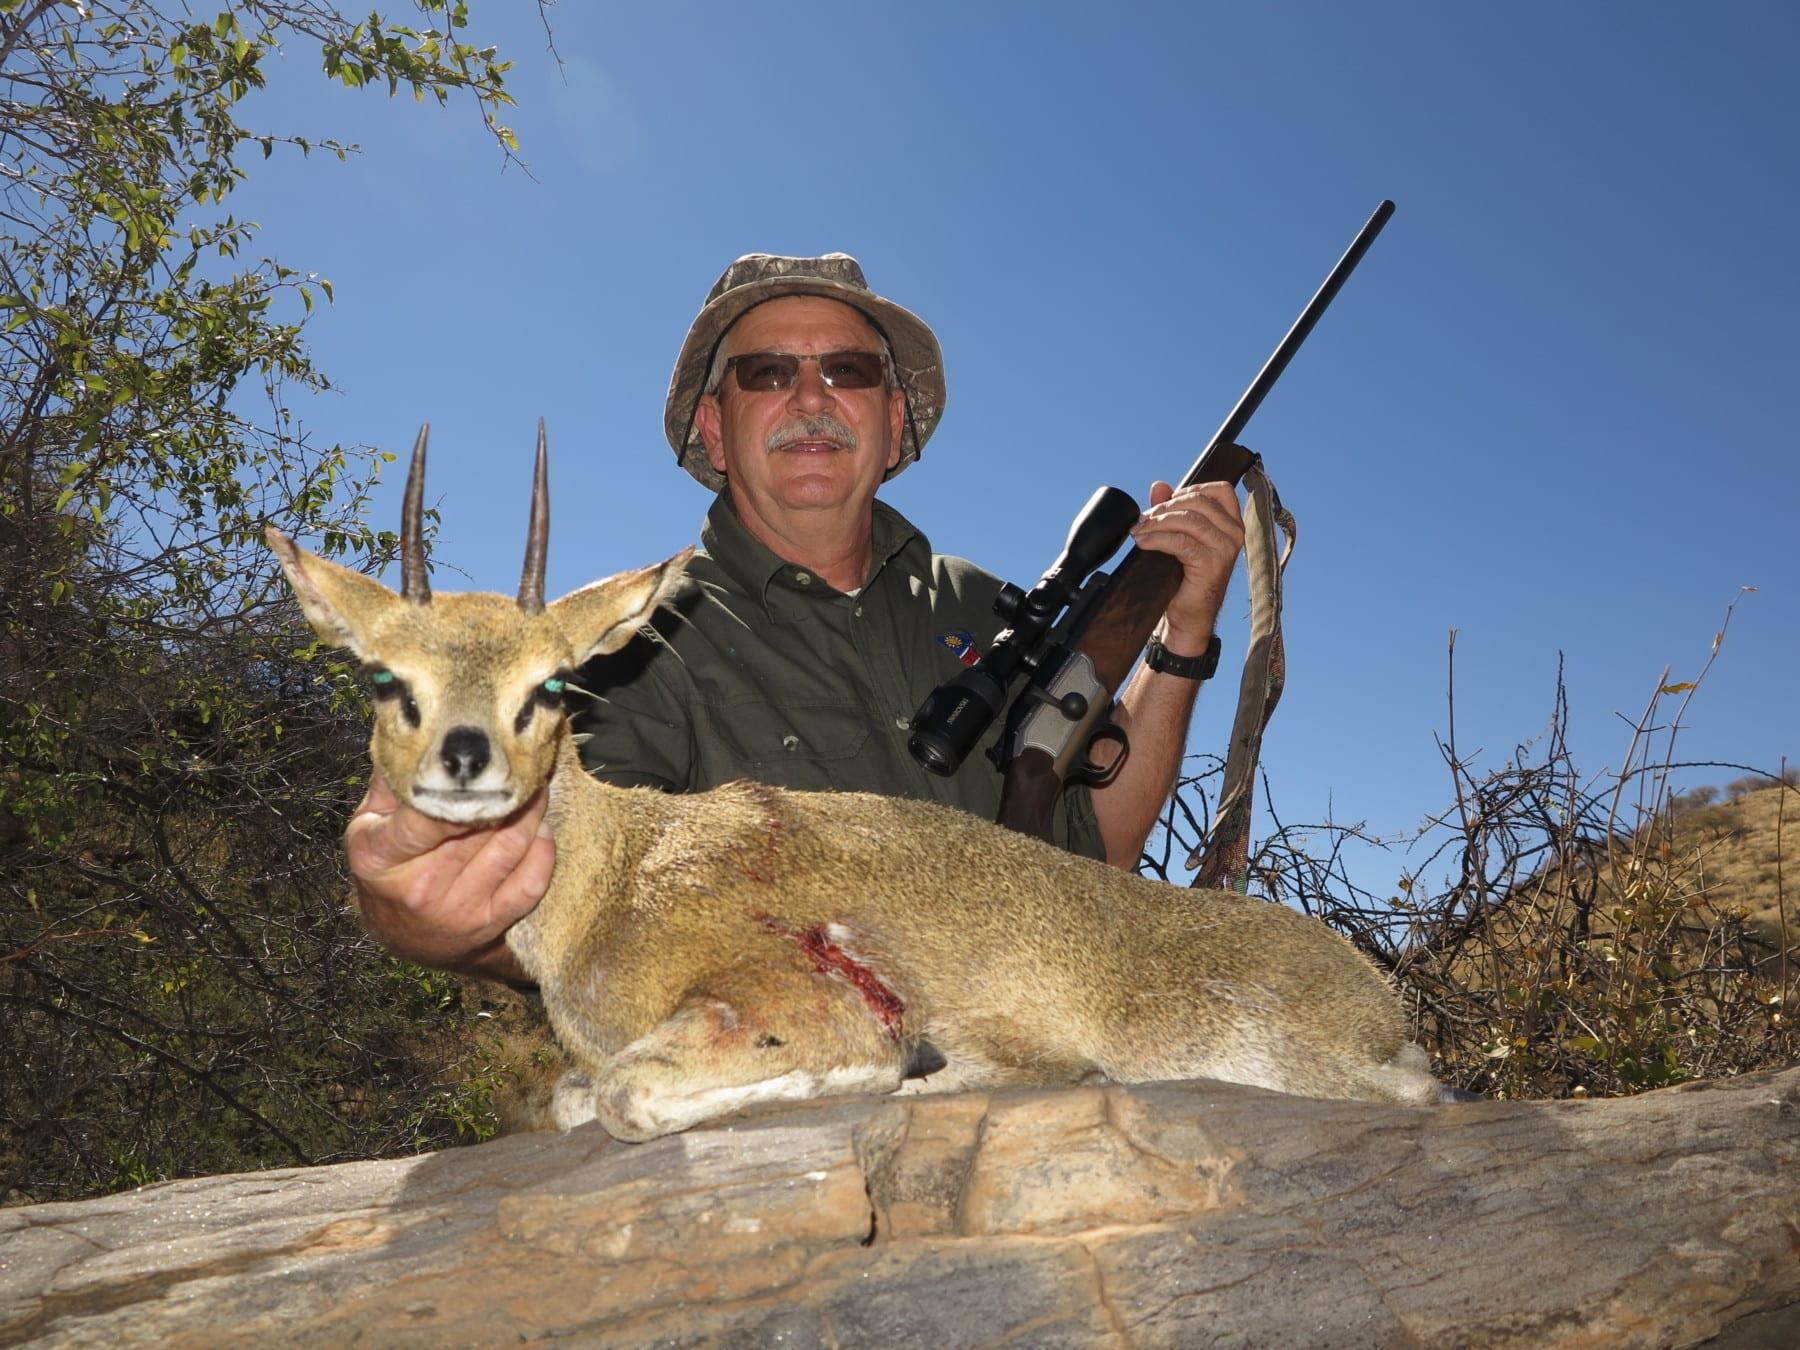 klipspringer hunting namibia ~ schalk pienaar safaris namibia